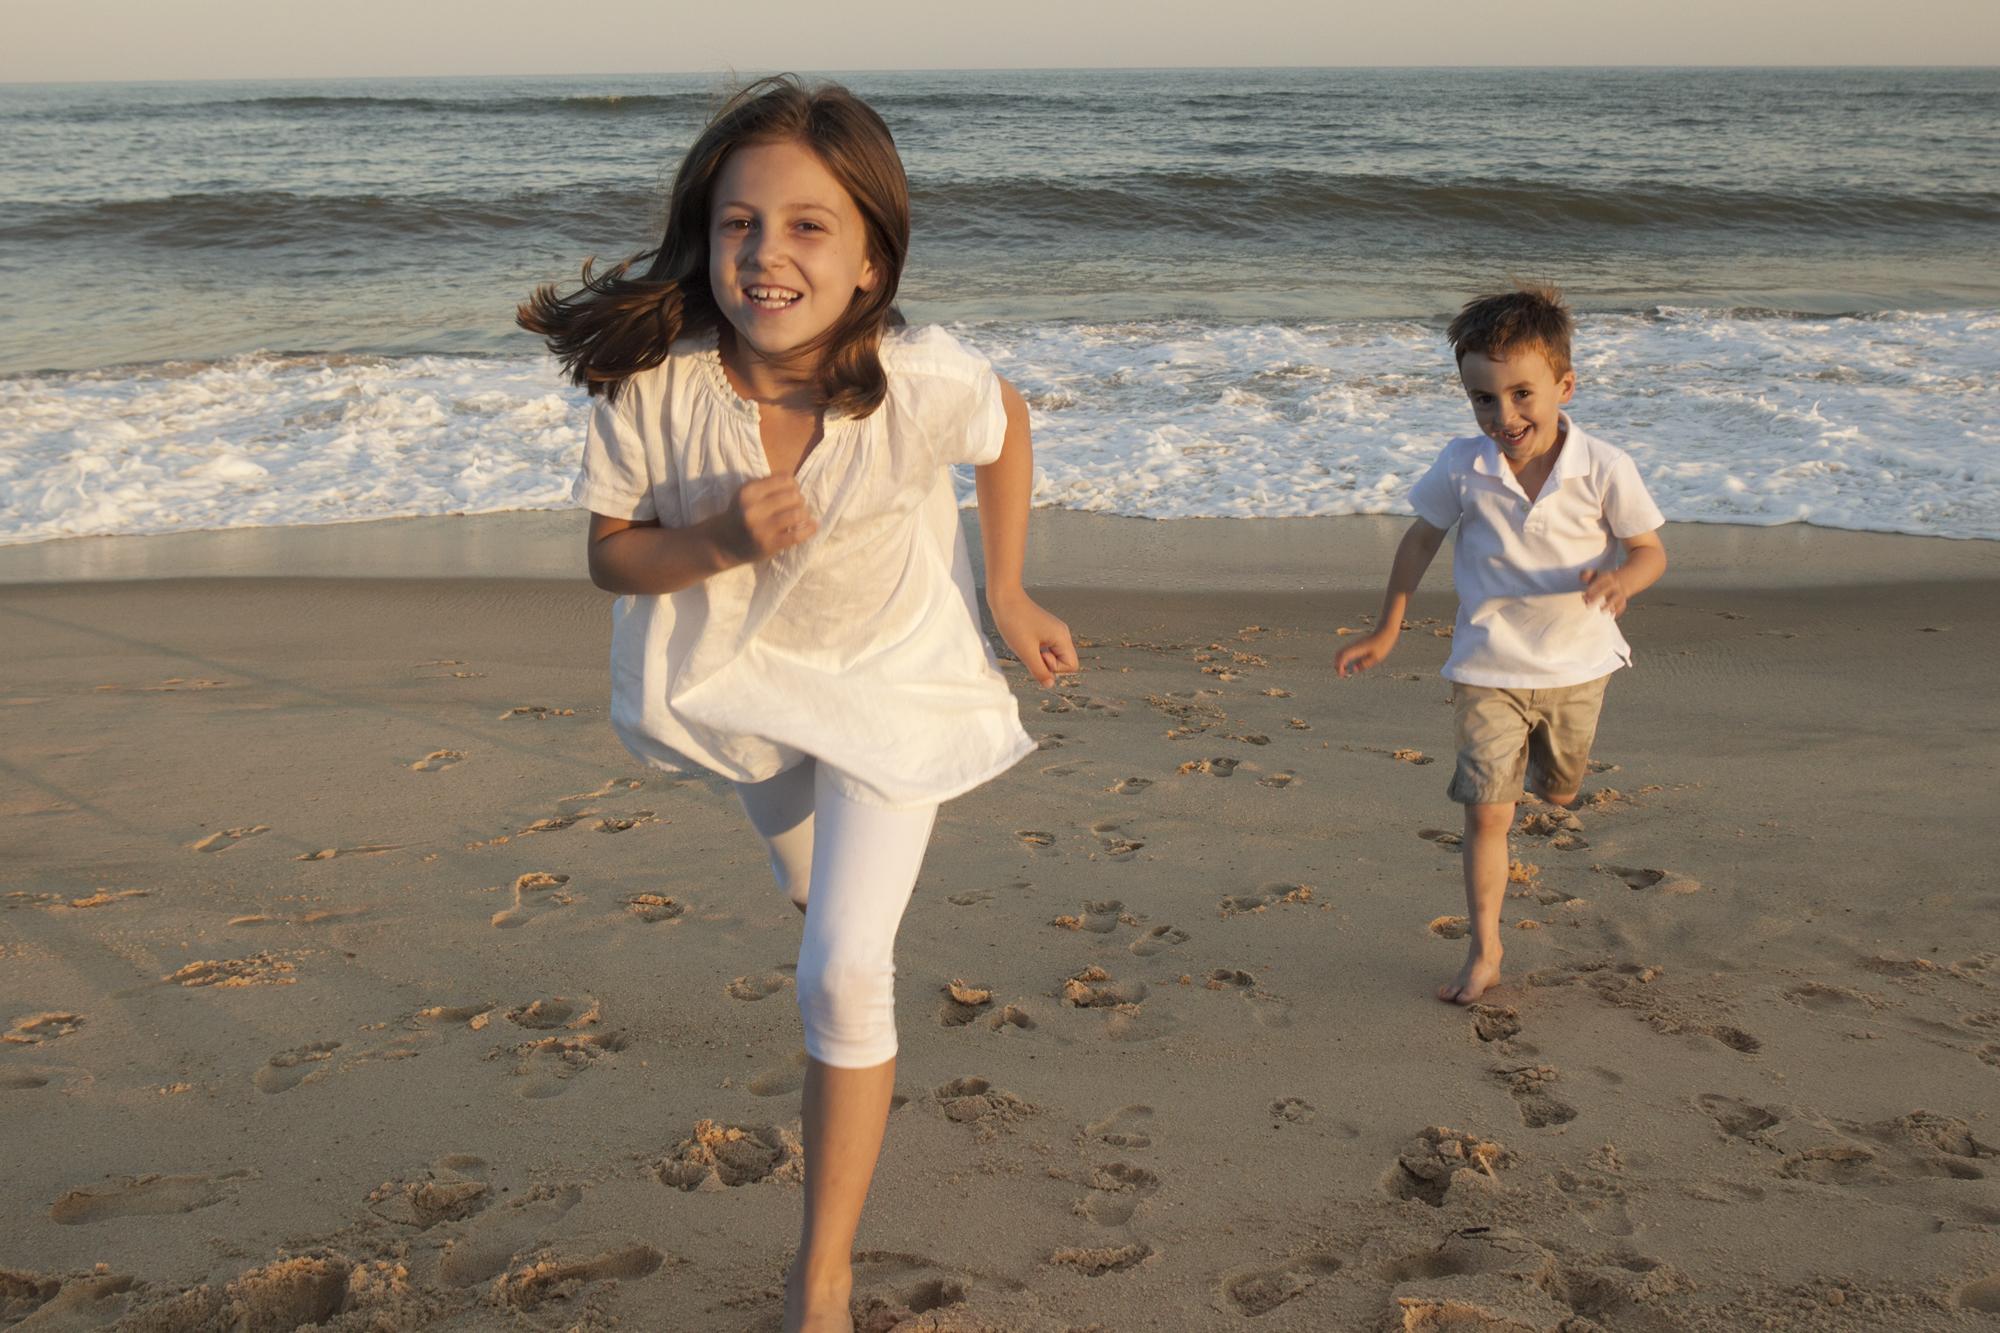 lucille-khornak-children-together02.jpg